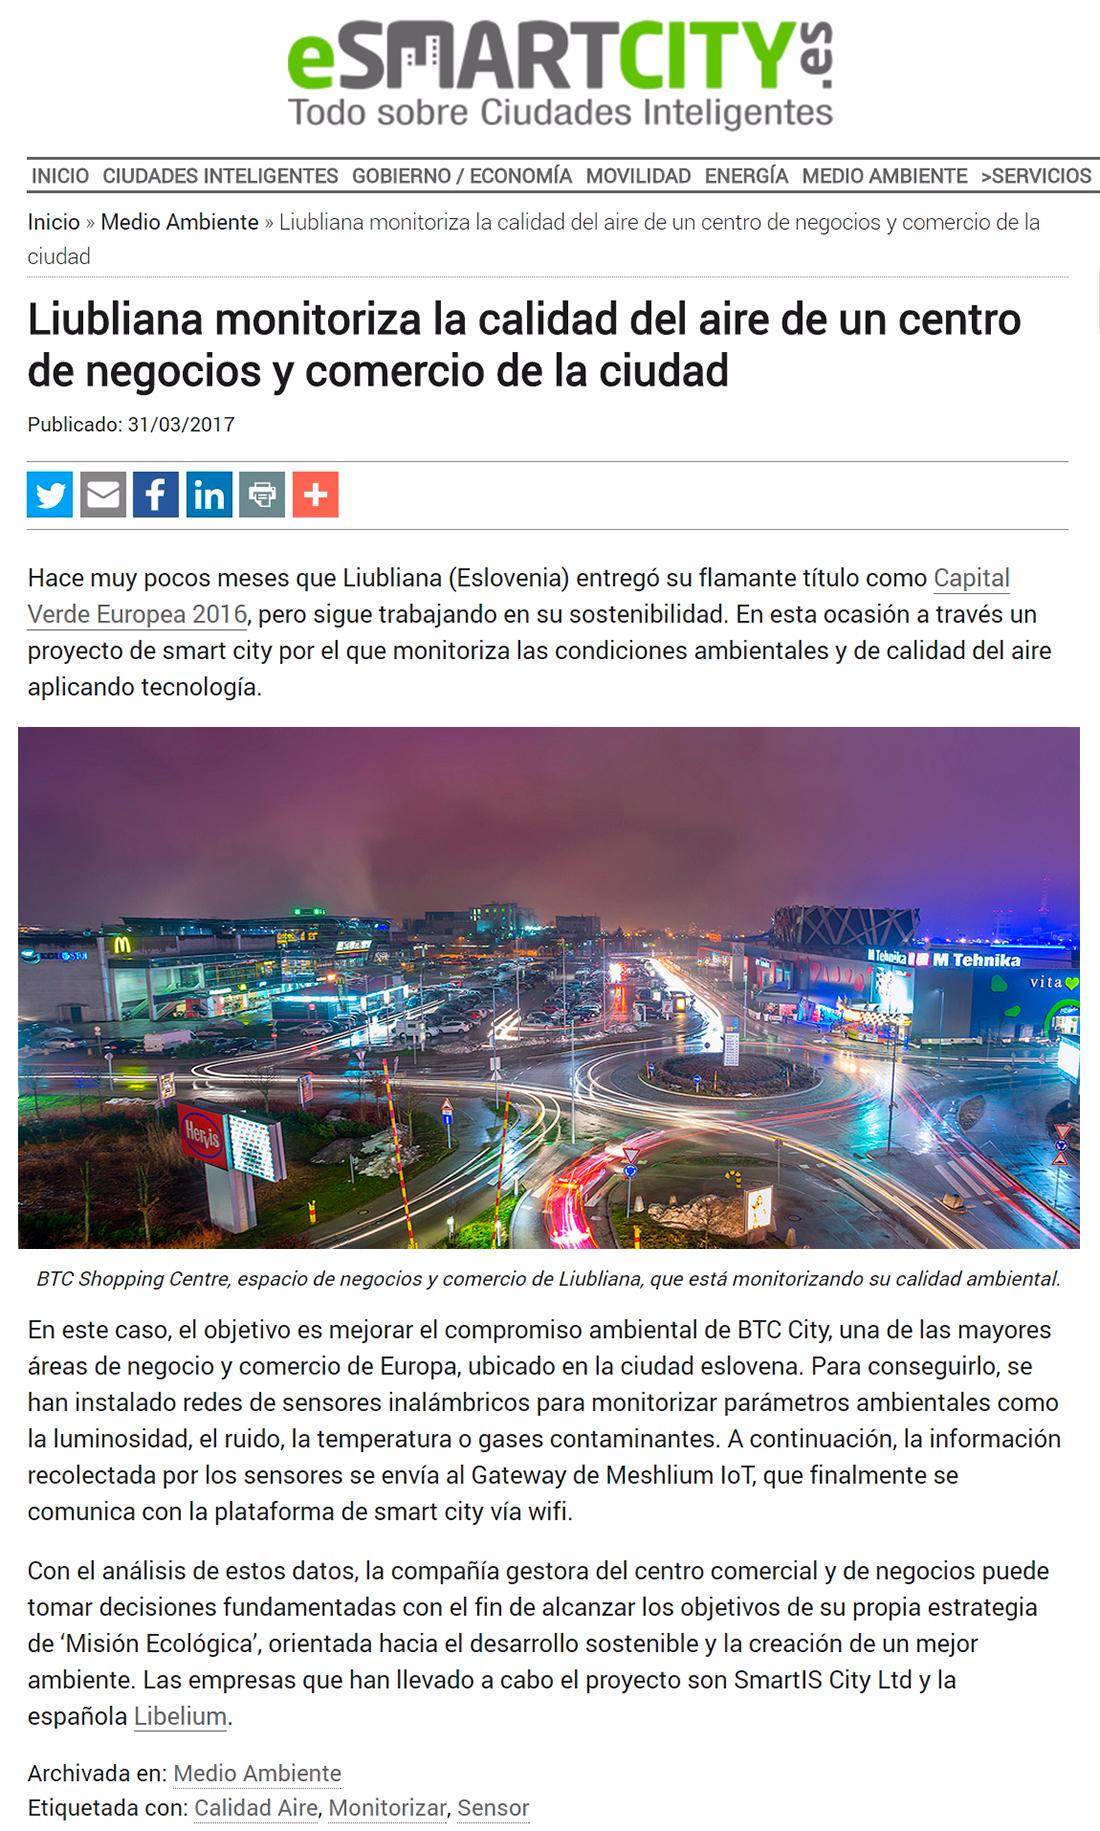 ESMARTCITY – Proyecto de Smart City en Liubliana